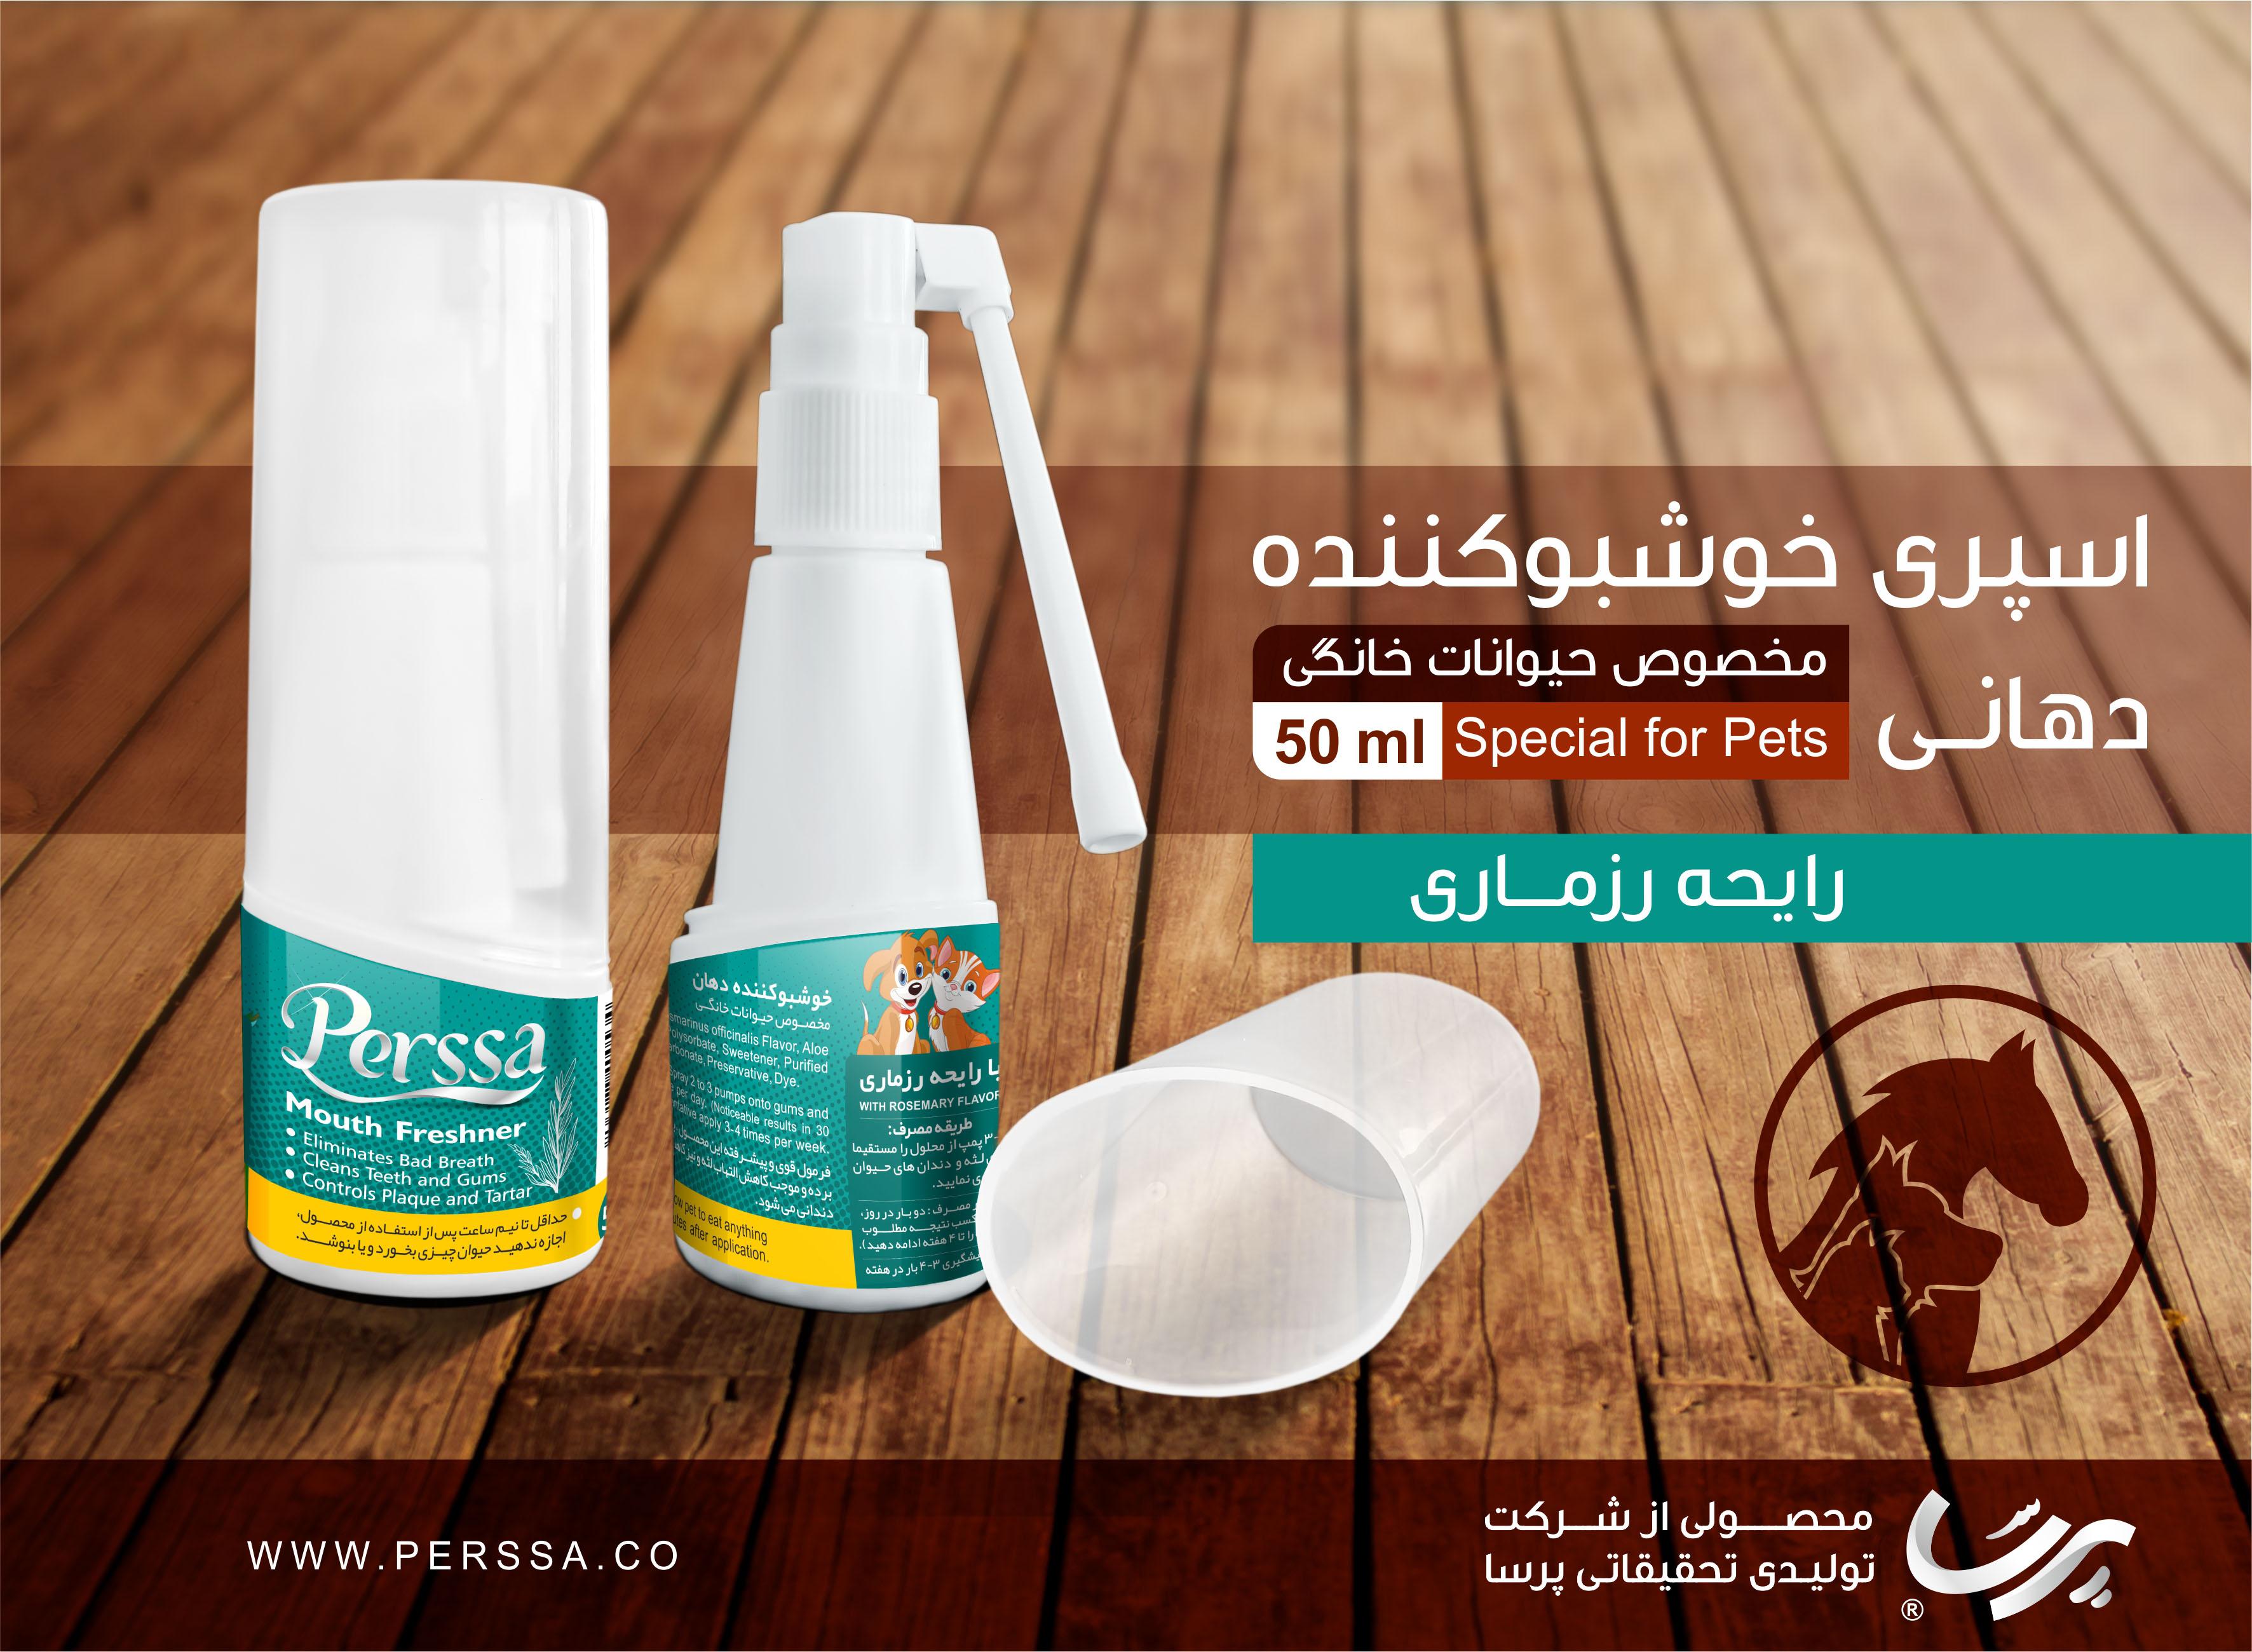 Rosemary mouth freshener spray